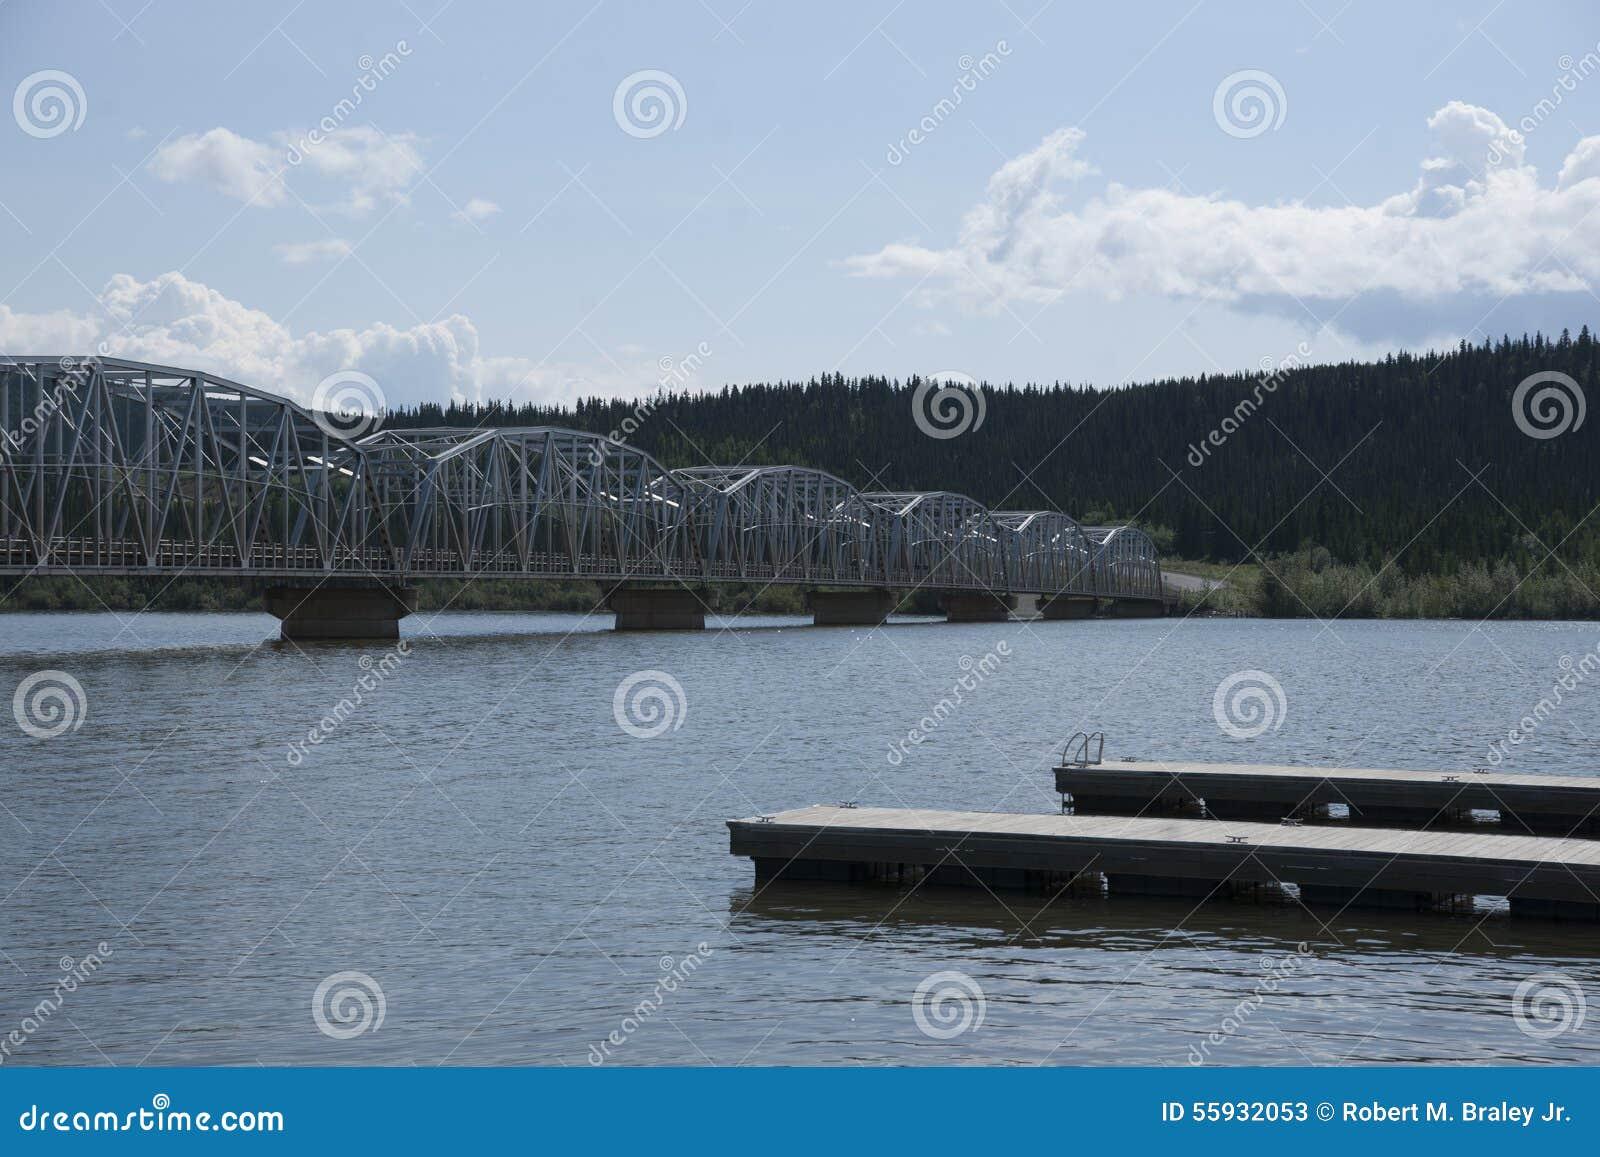 Teslin Lake Yukon Territory Canada